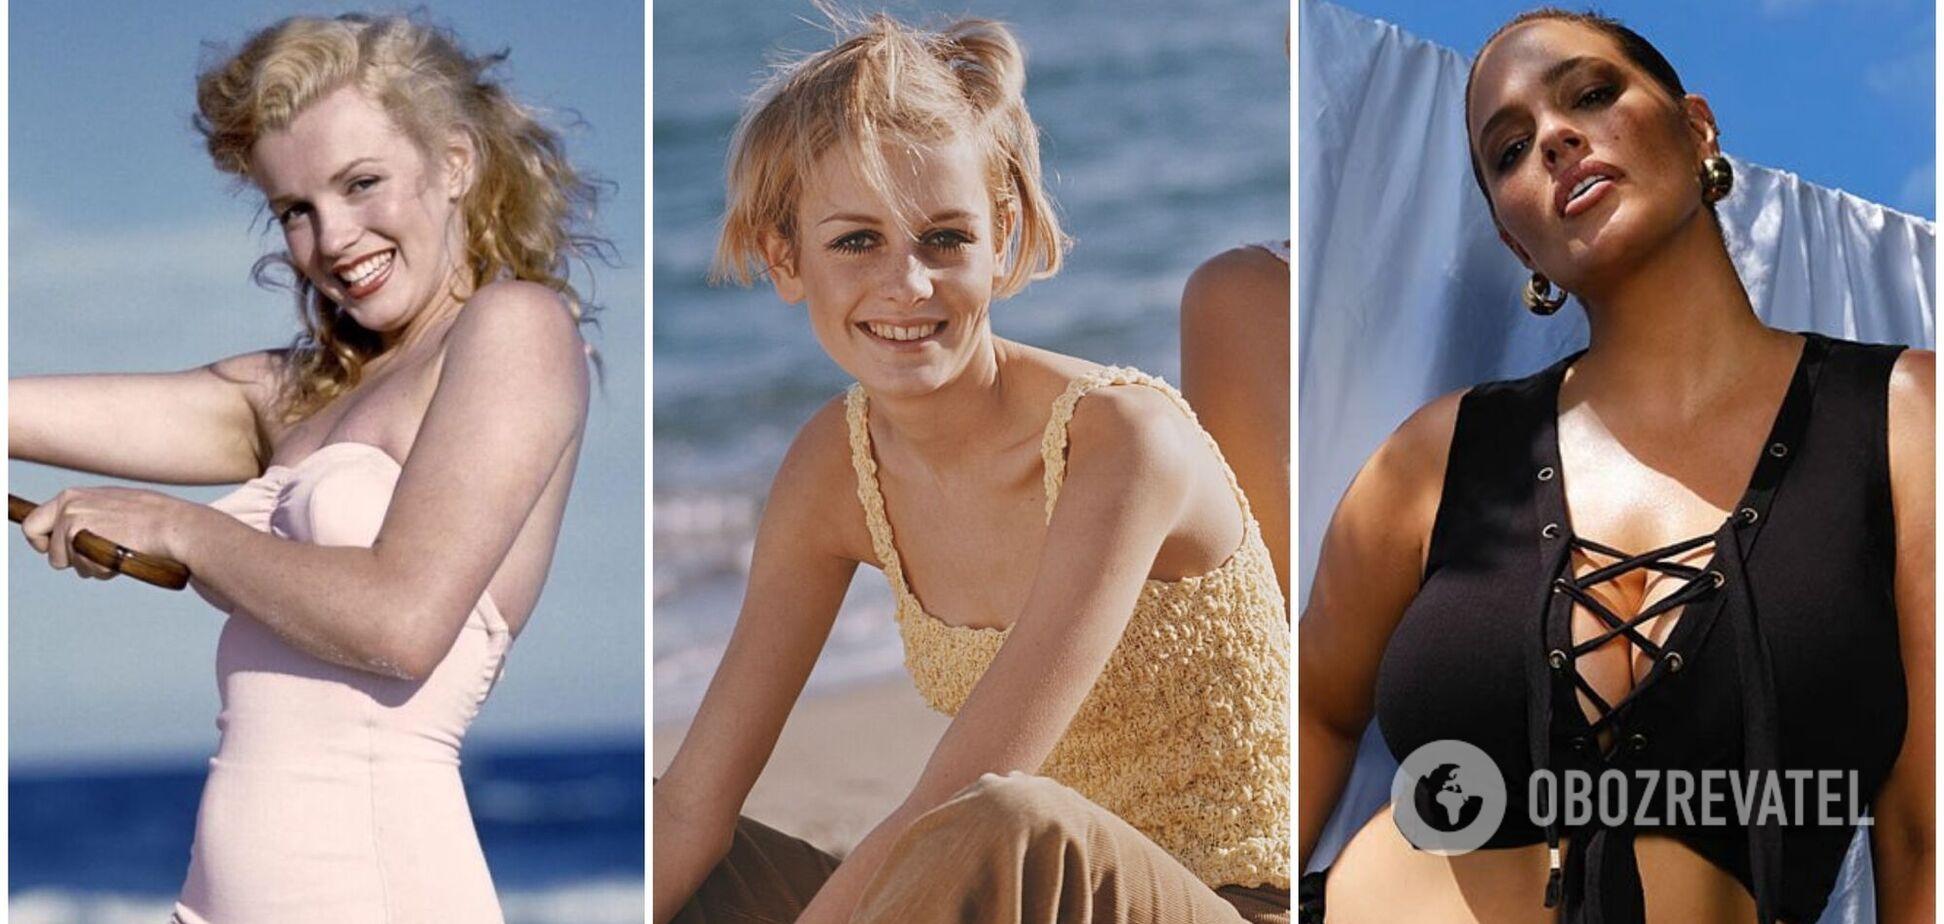 Як змінювалися жіночі тіла від 1900-х до сьогодні: фото ідеалів краси